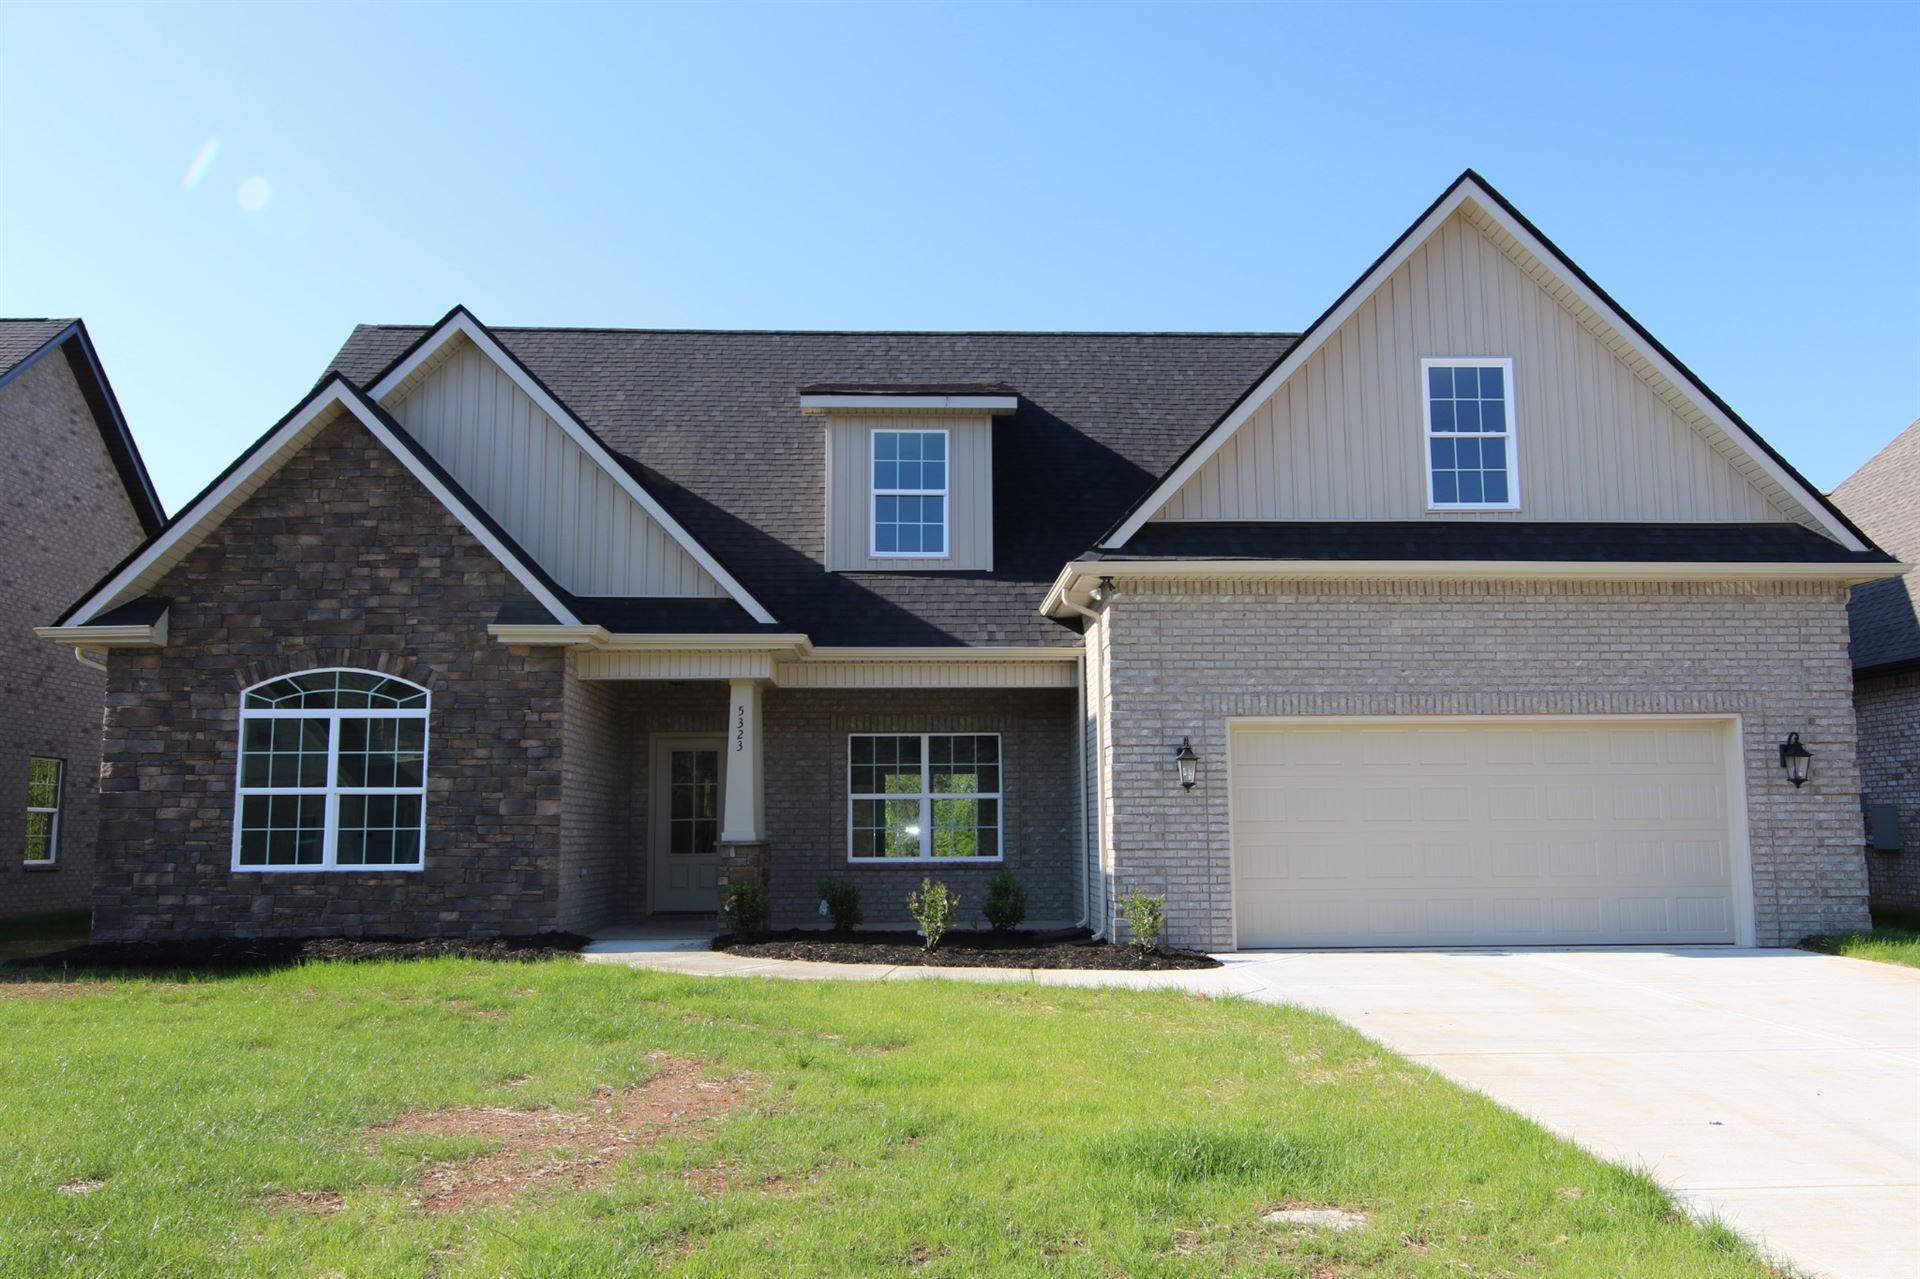 5323 Honeybee Dr, Murfreesboro, TN 37129 - MLS#: 2248058